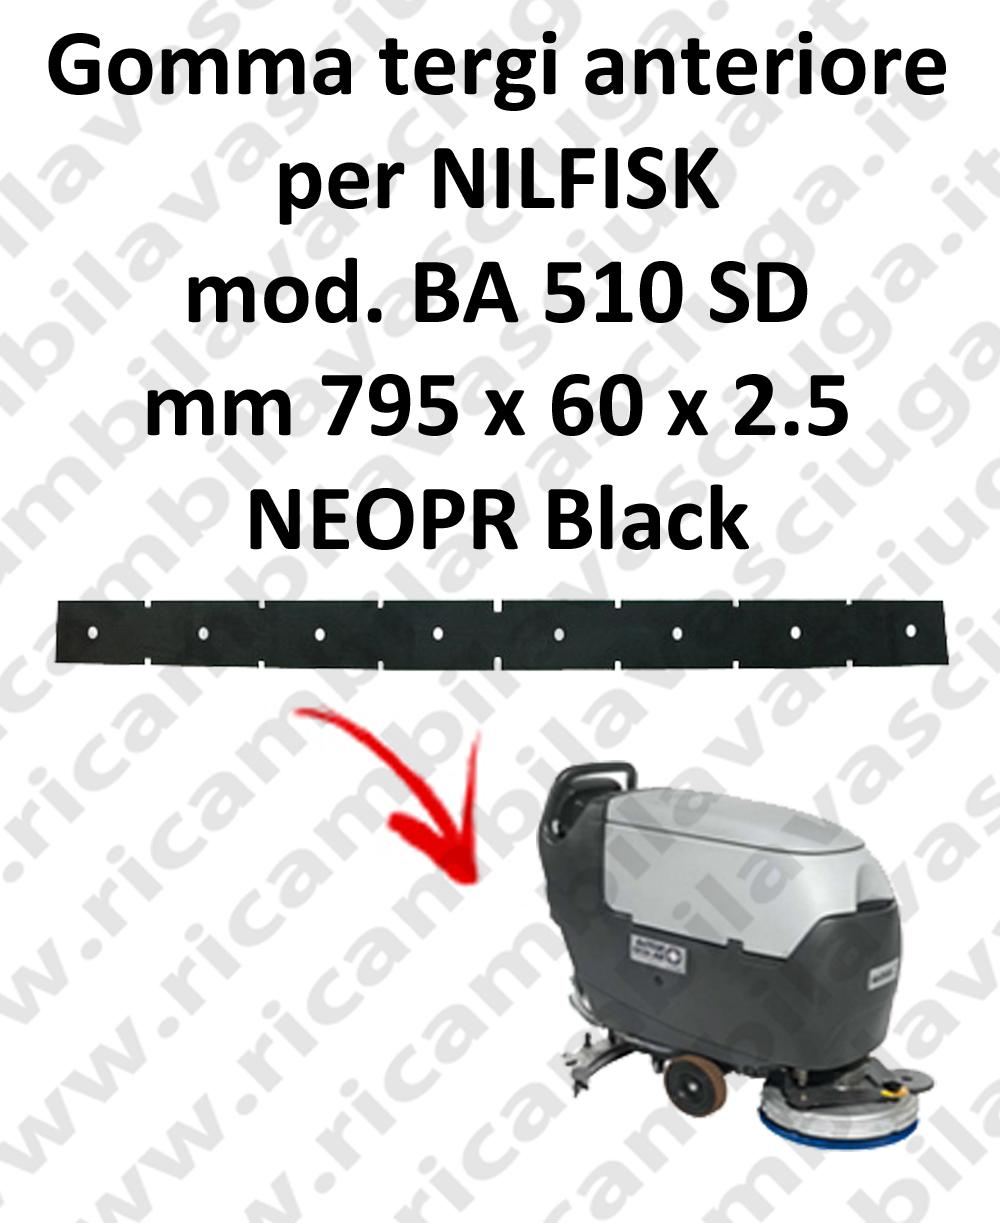 BA 510 SD - GOMMA TERGI anteriore per lavapavimenti Nilfisk